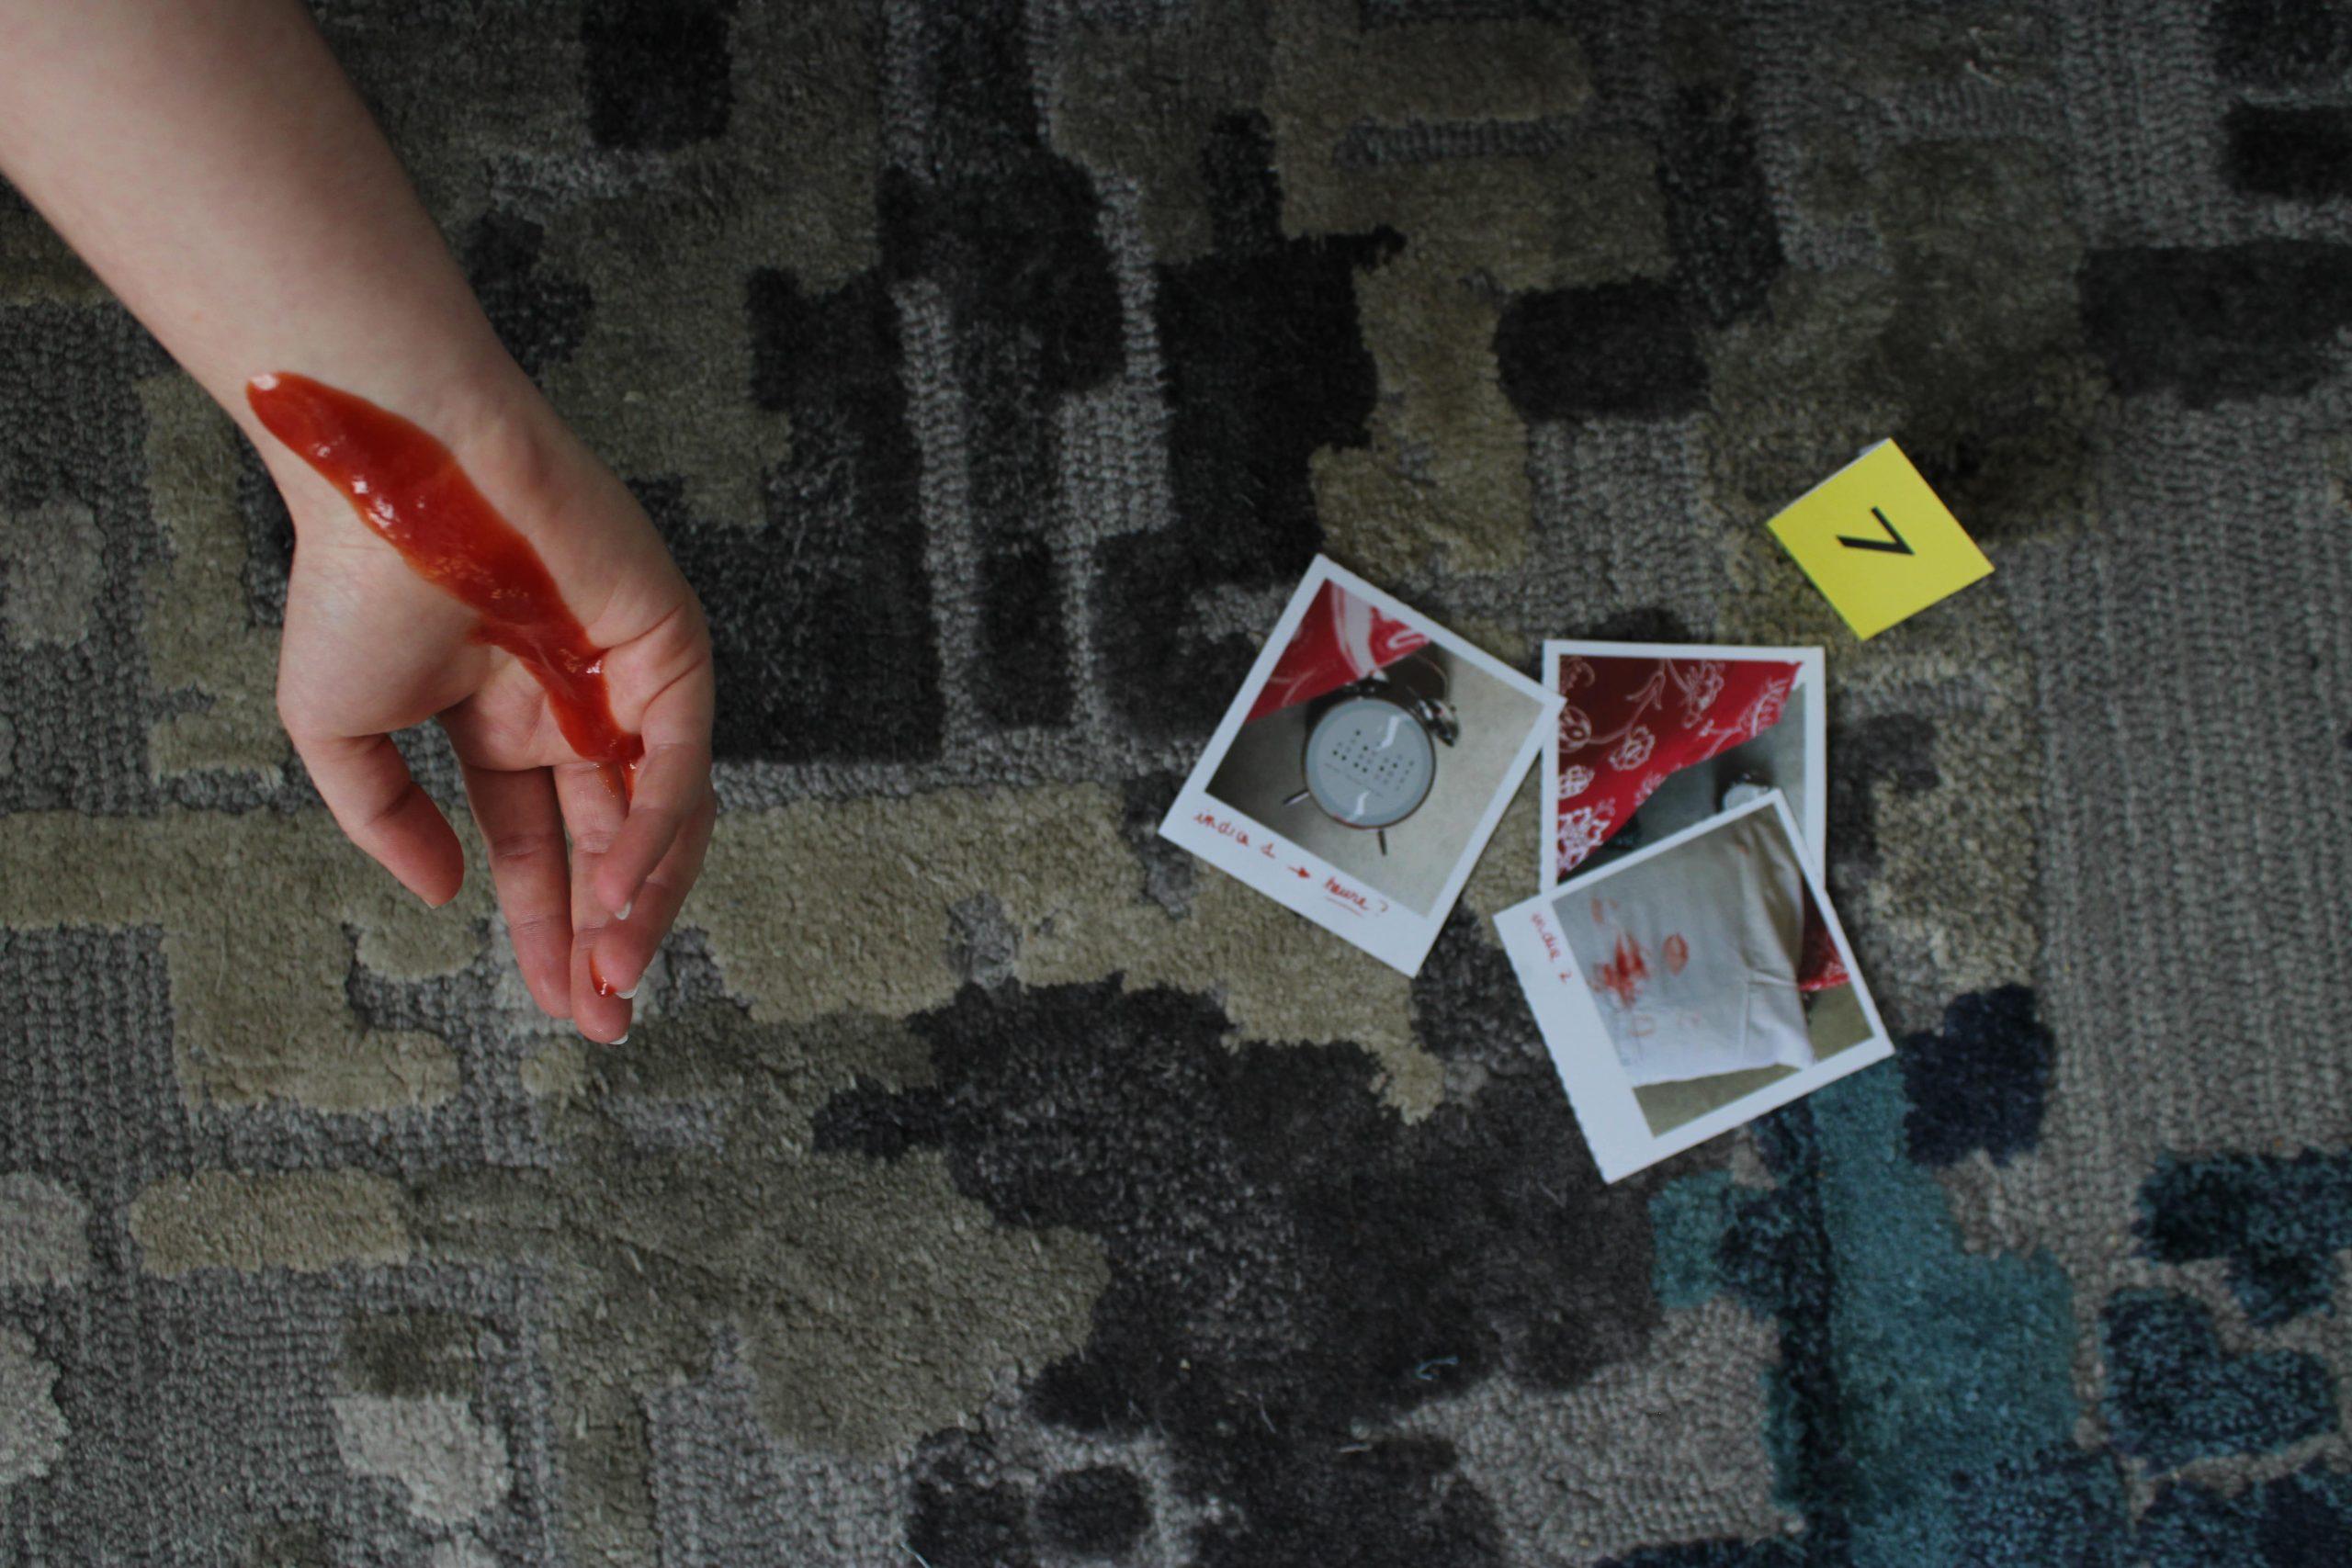 Cluedo_Clue_Escape Game_ Escape Kit